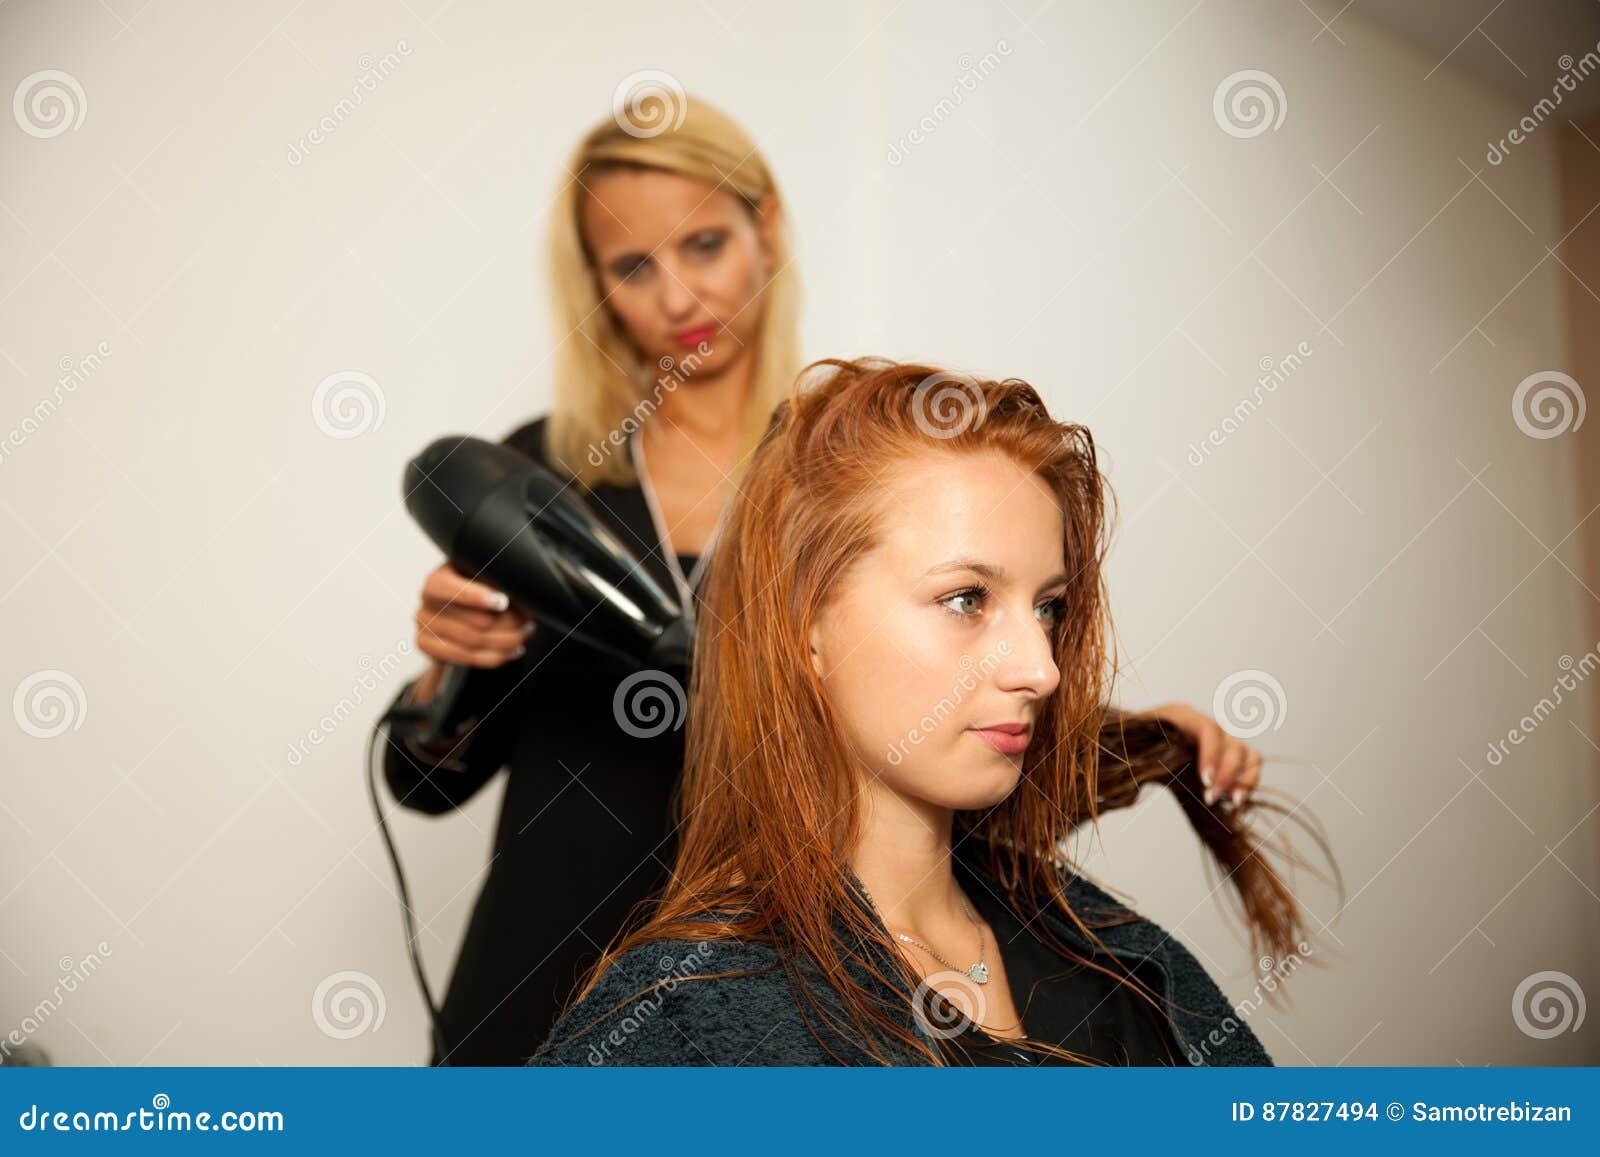 Stilist drogend haar van een vrouwelijke cliënt bij de schoonheidssalon - hai